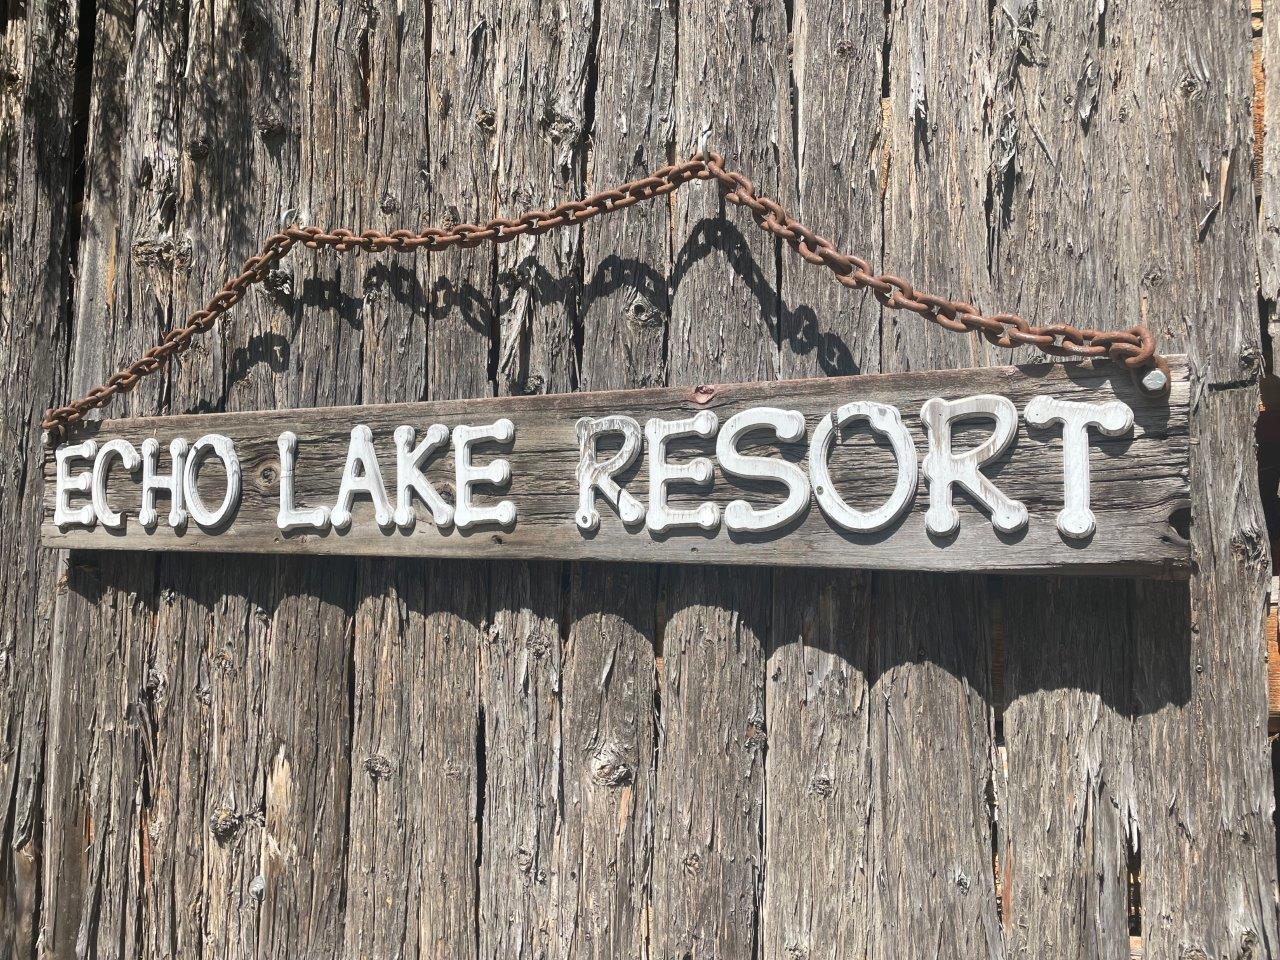 Echo lake resort 72